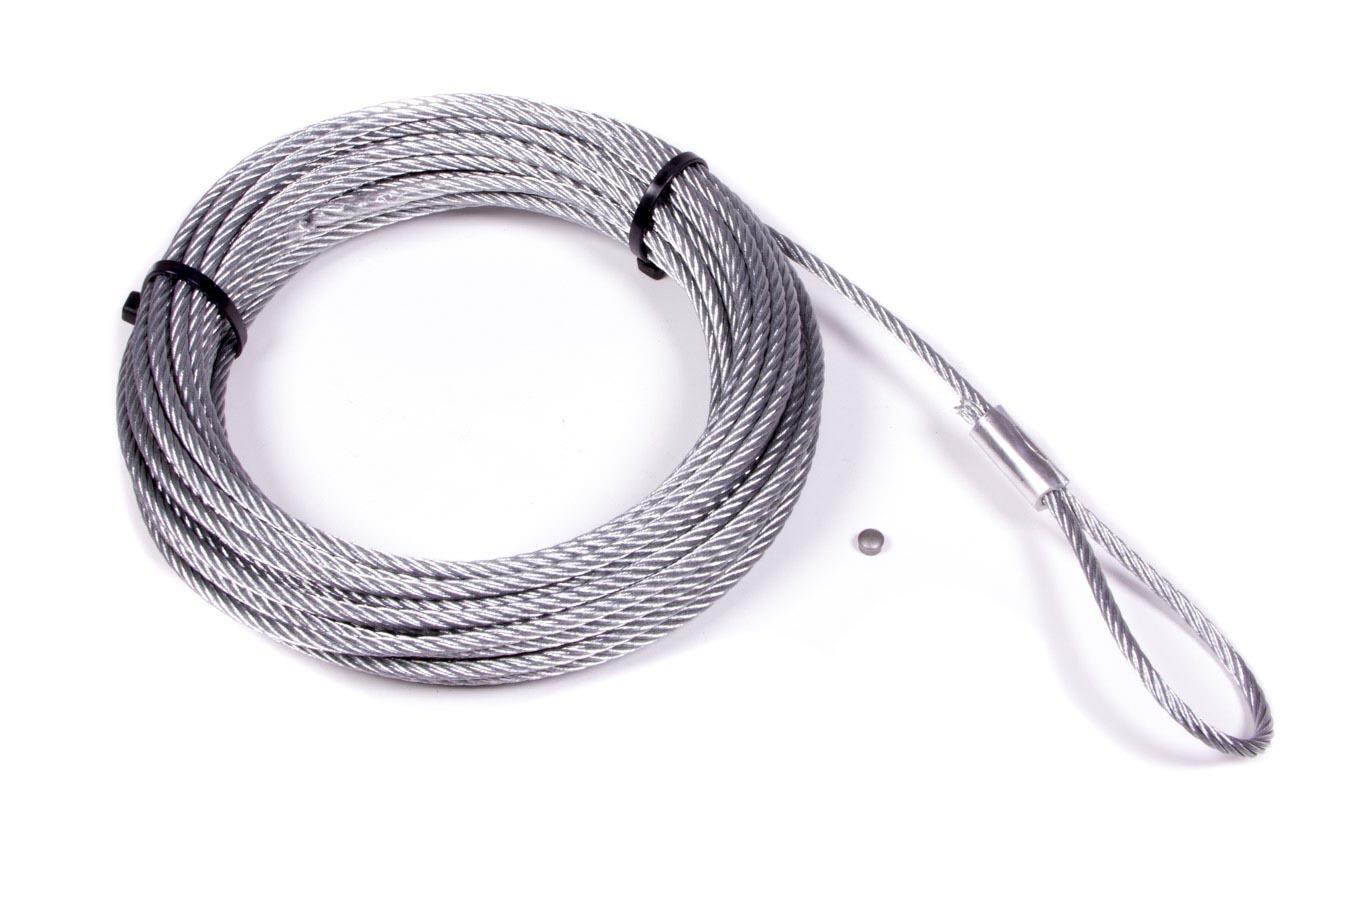 Warn 3/16in. x 50' Non-MTO Repl. Wire Rope